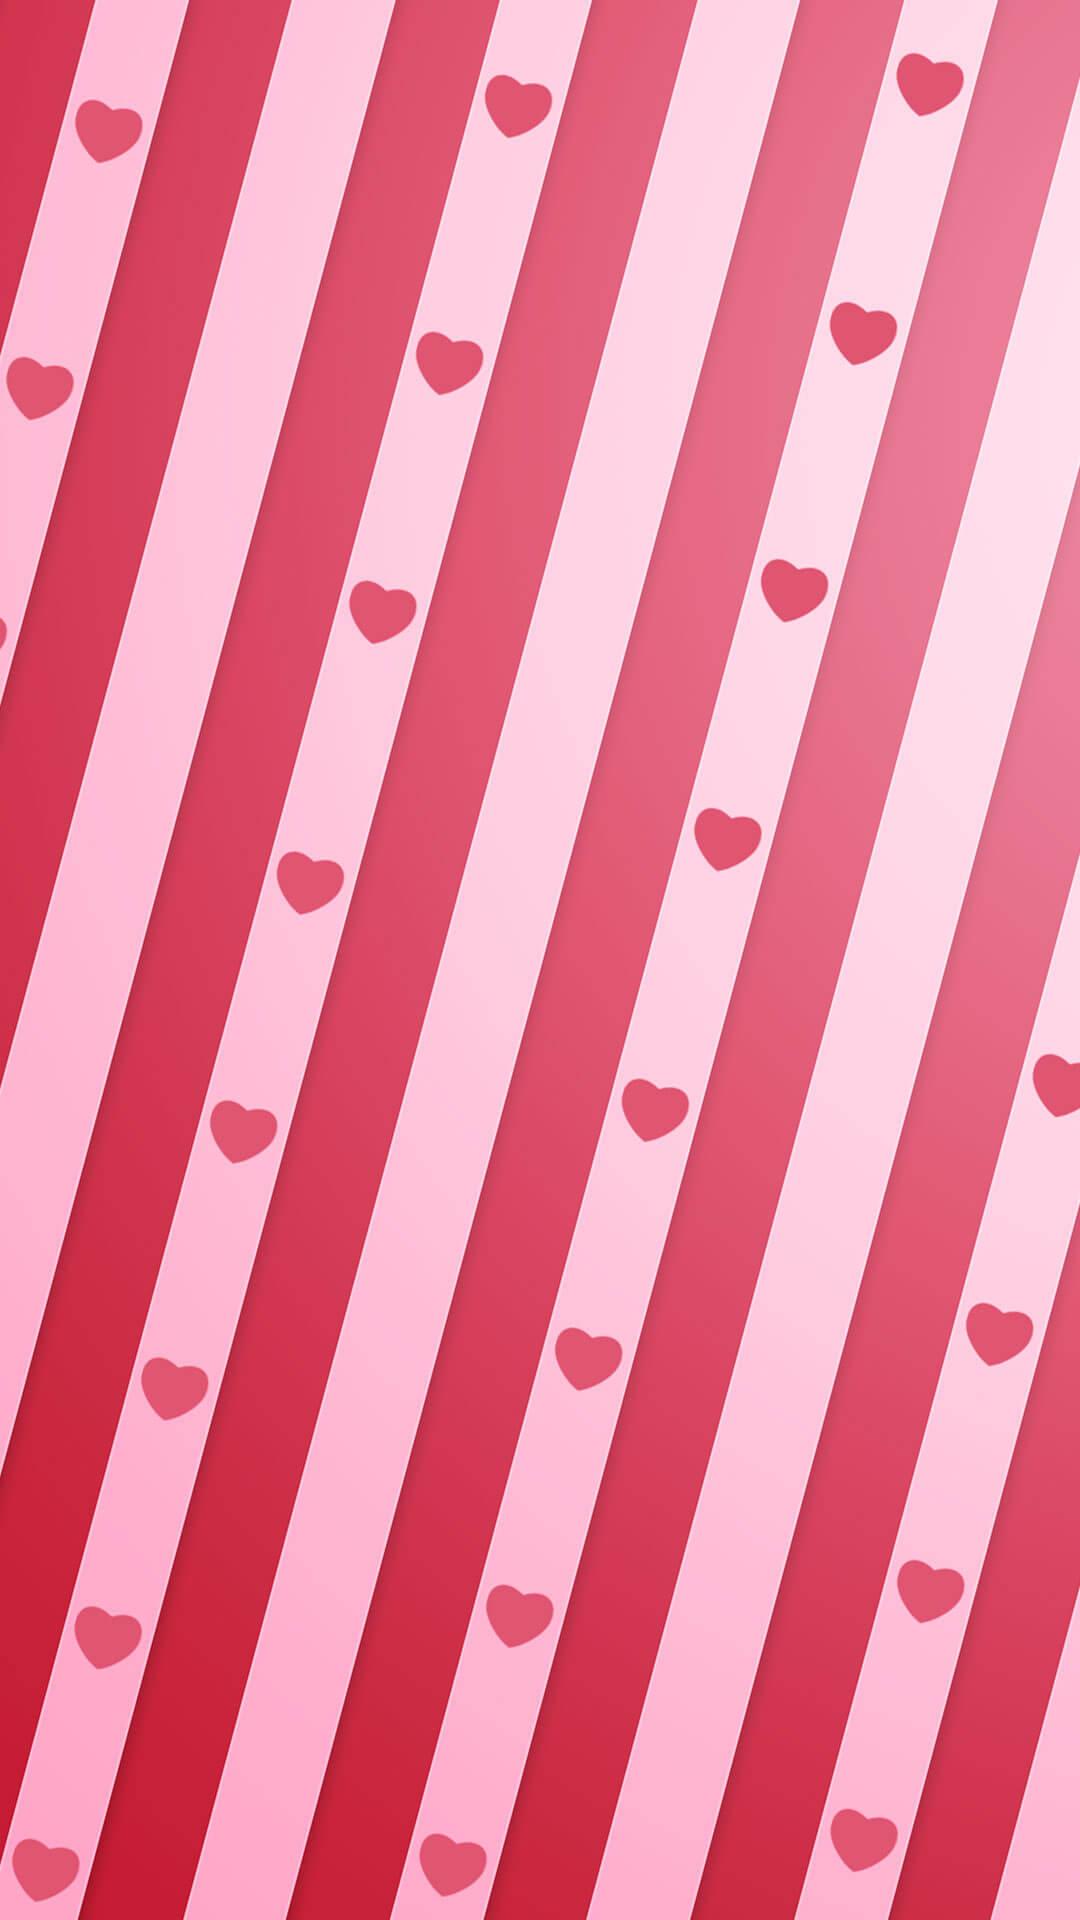 Heart Stripe Iphone Wallpaper